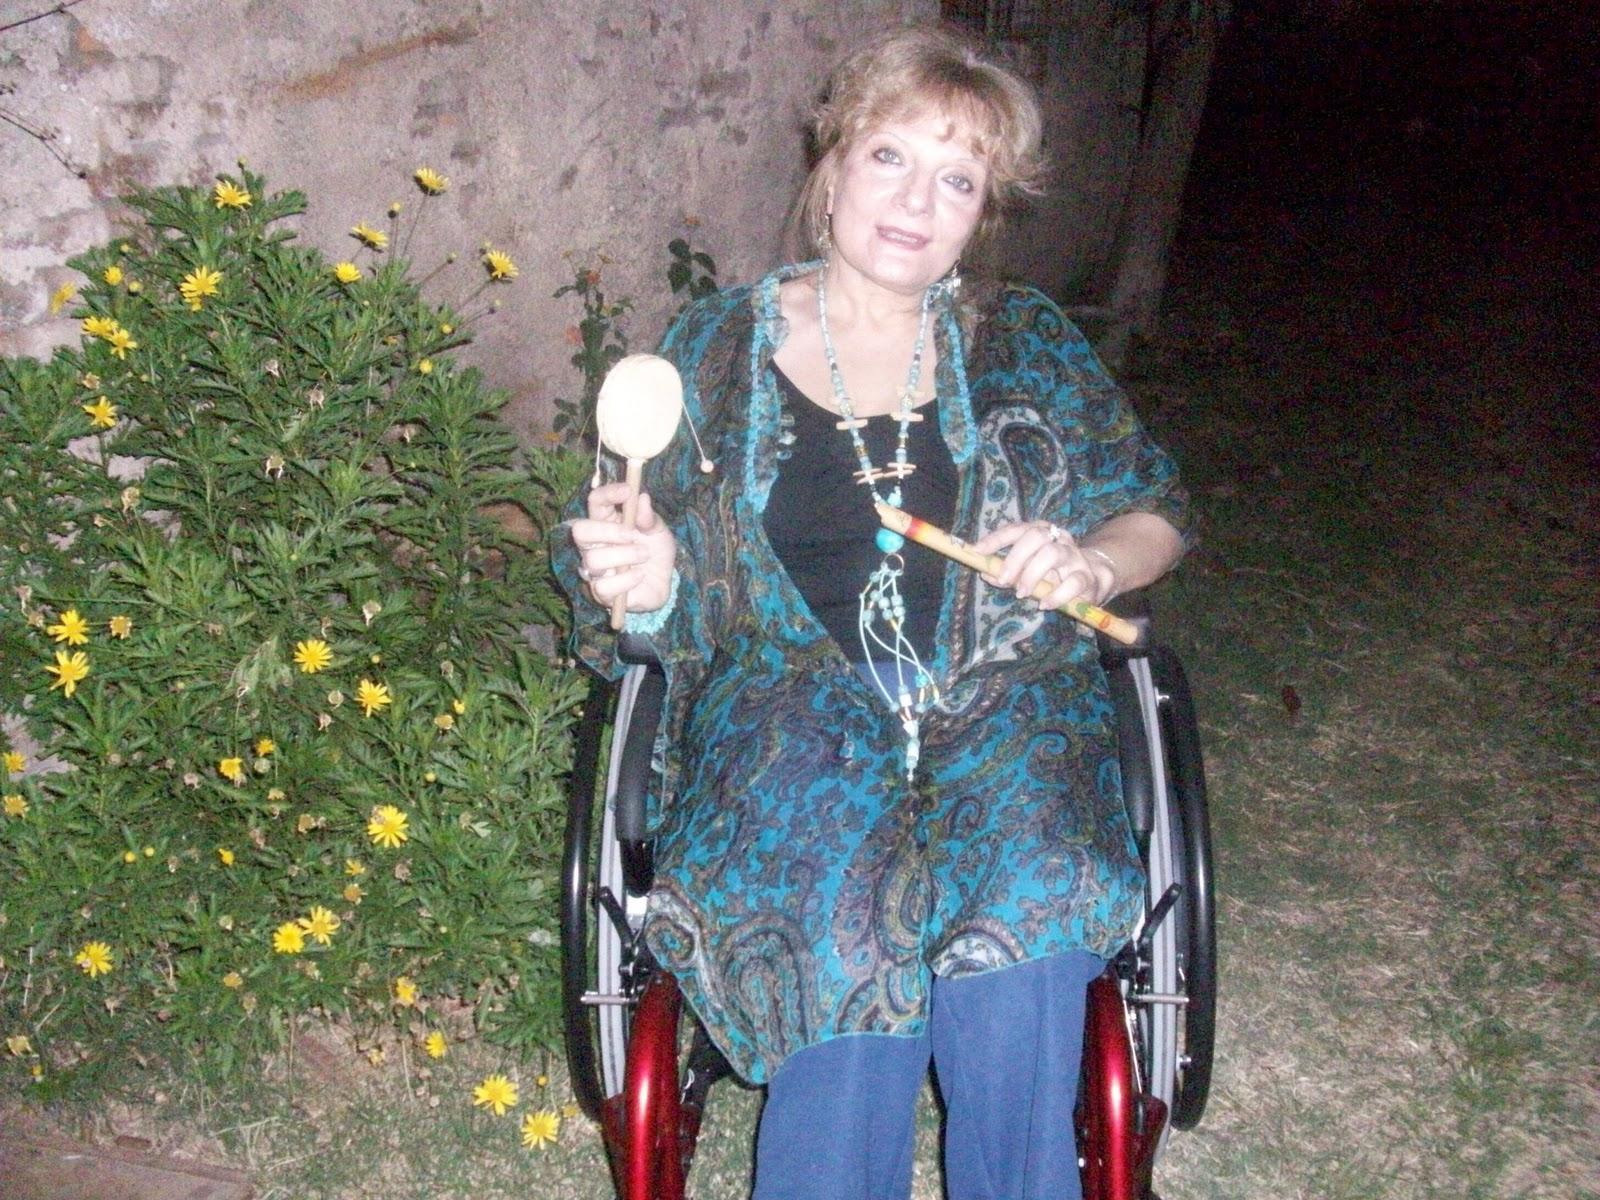 http://4.bp.blogspot.com/-W-b6BzhzR7w/TtSi8iYoa8I/AAAAAAAAAyE/ZjXsCVCBCok/s1600/Adriana+Cantale.jpg